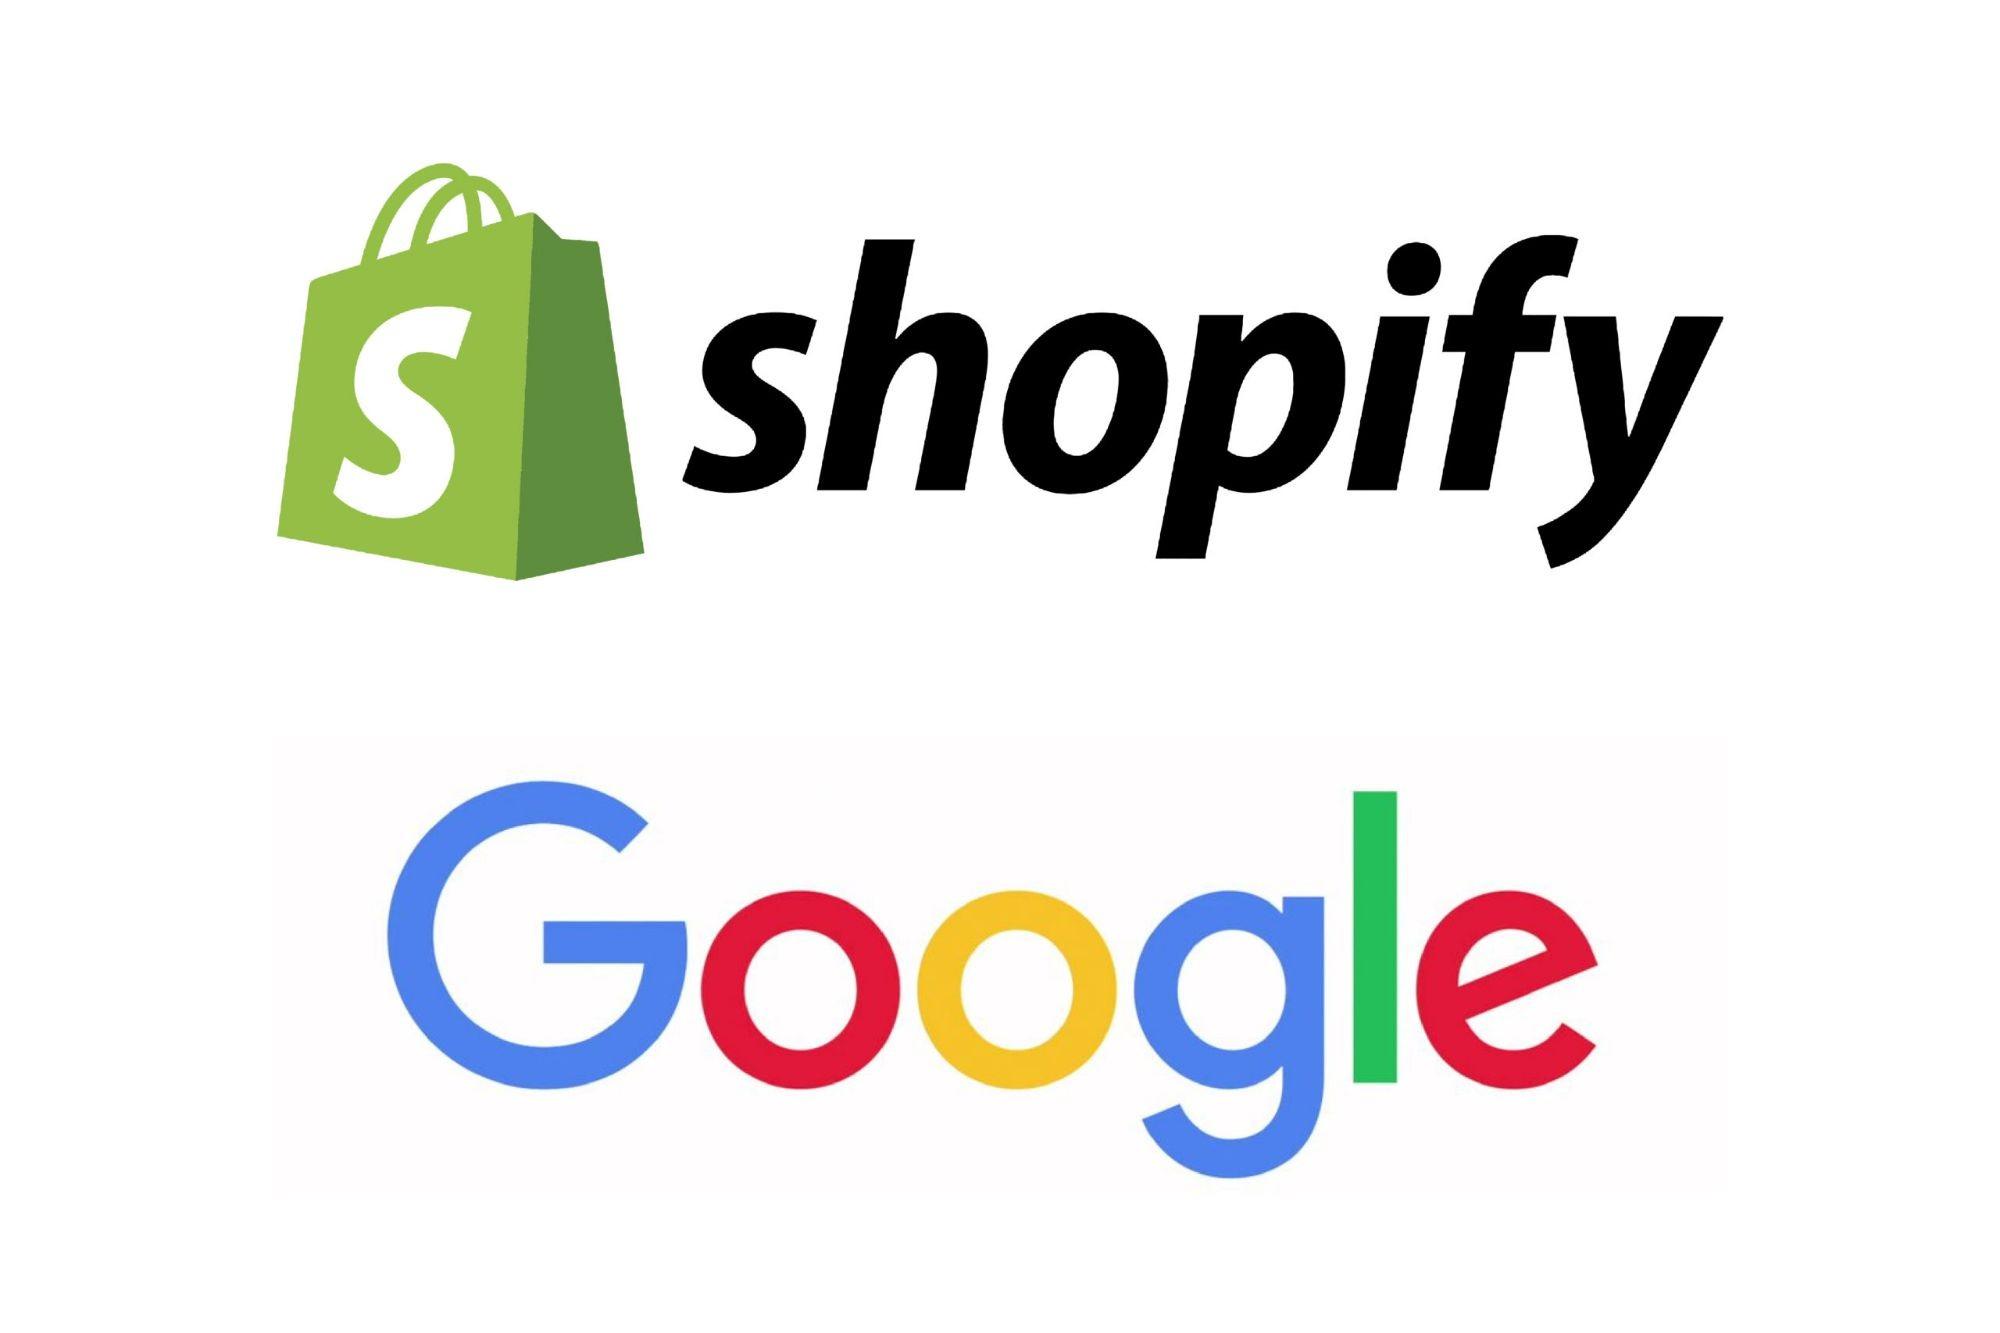 Google e Shopify: l'alleanza per lo shopping contro Amazon